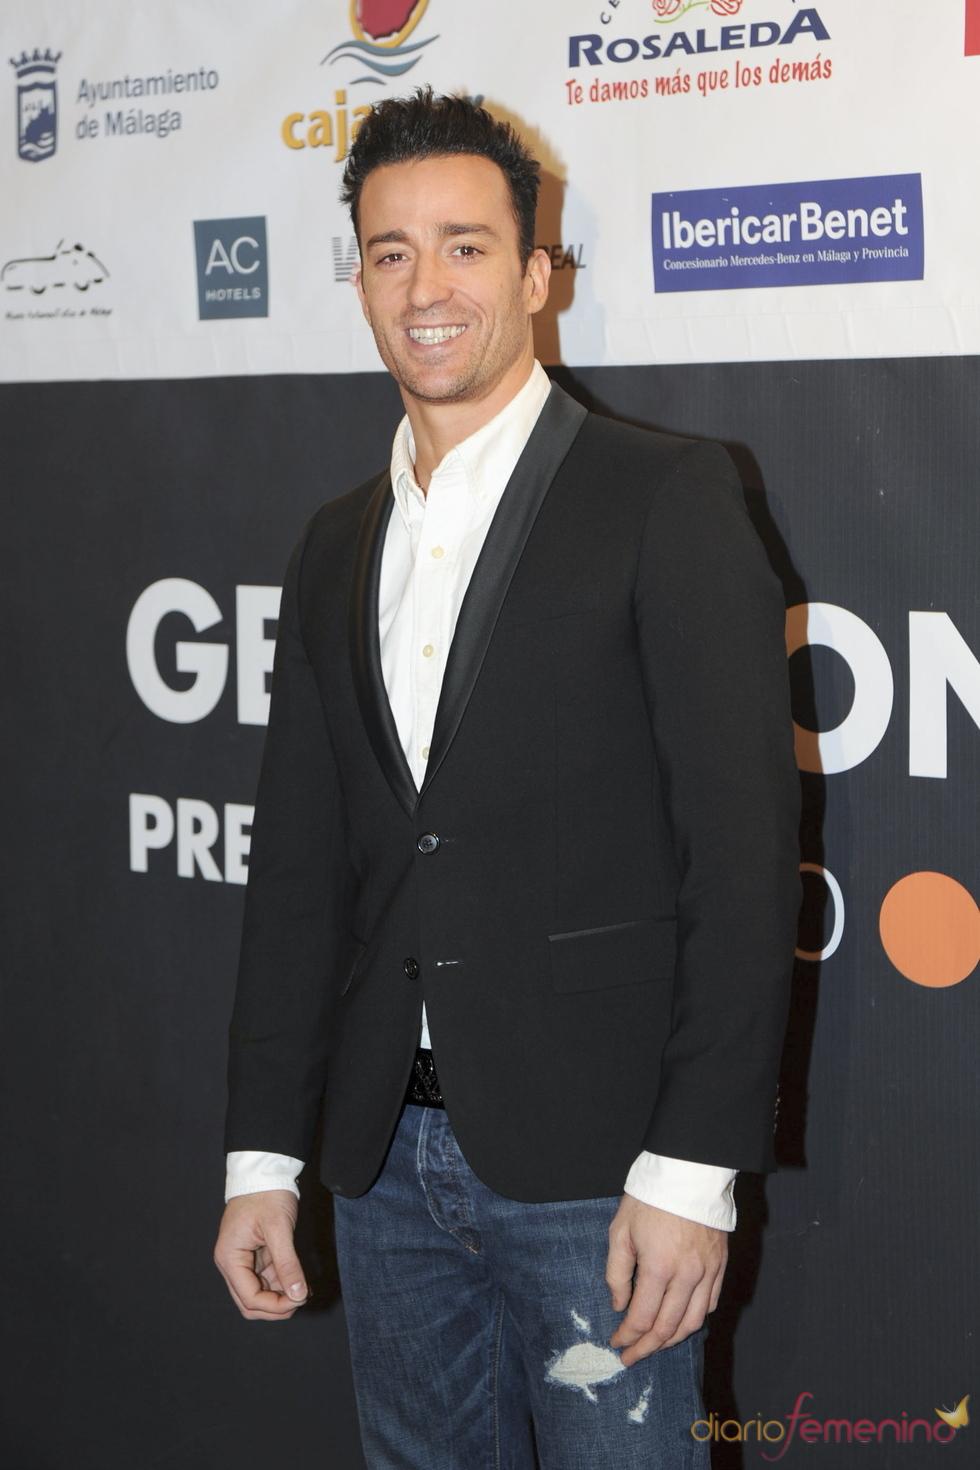 El actor, bailarín y cantante Pablo Puyol